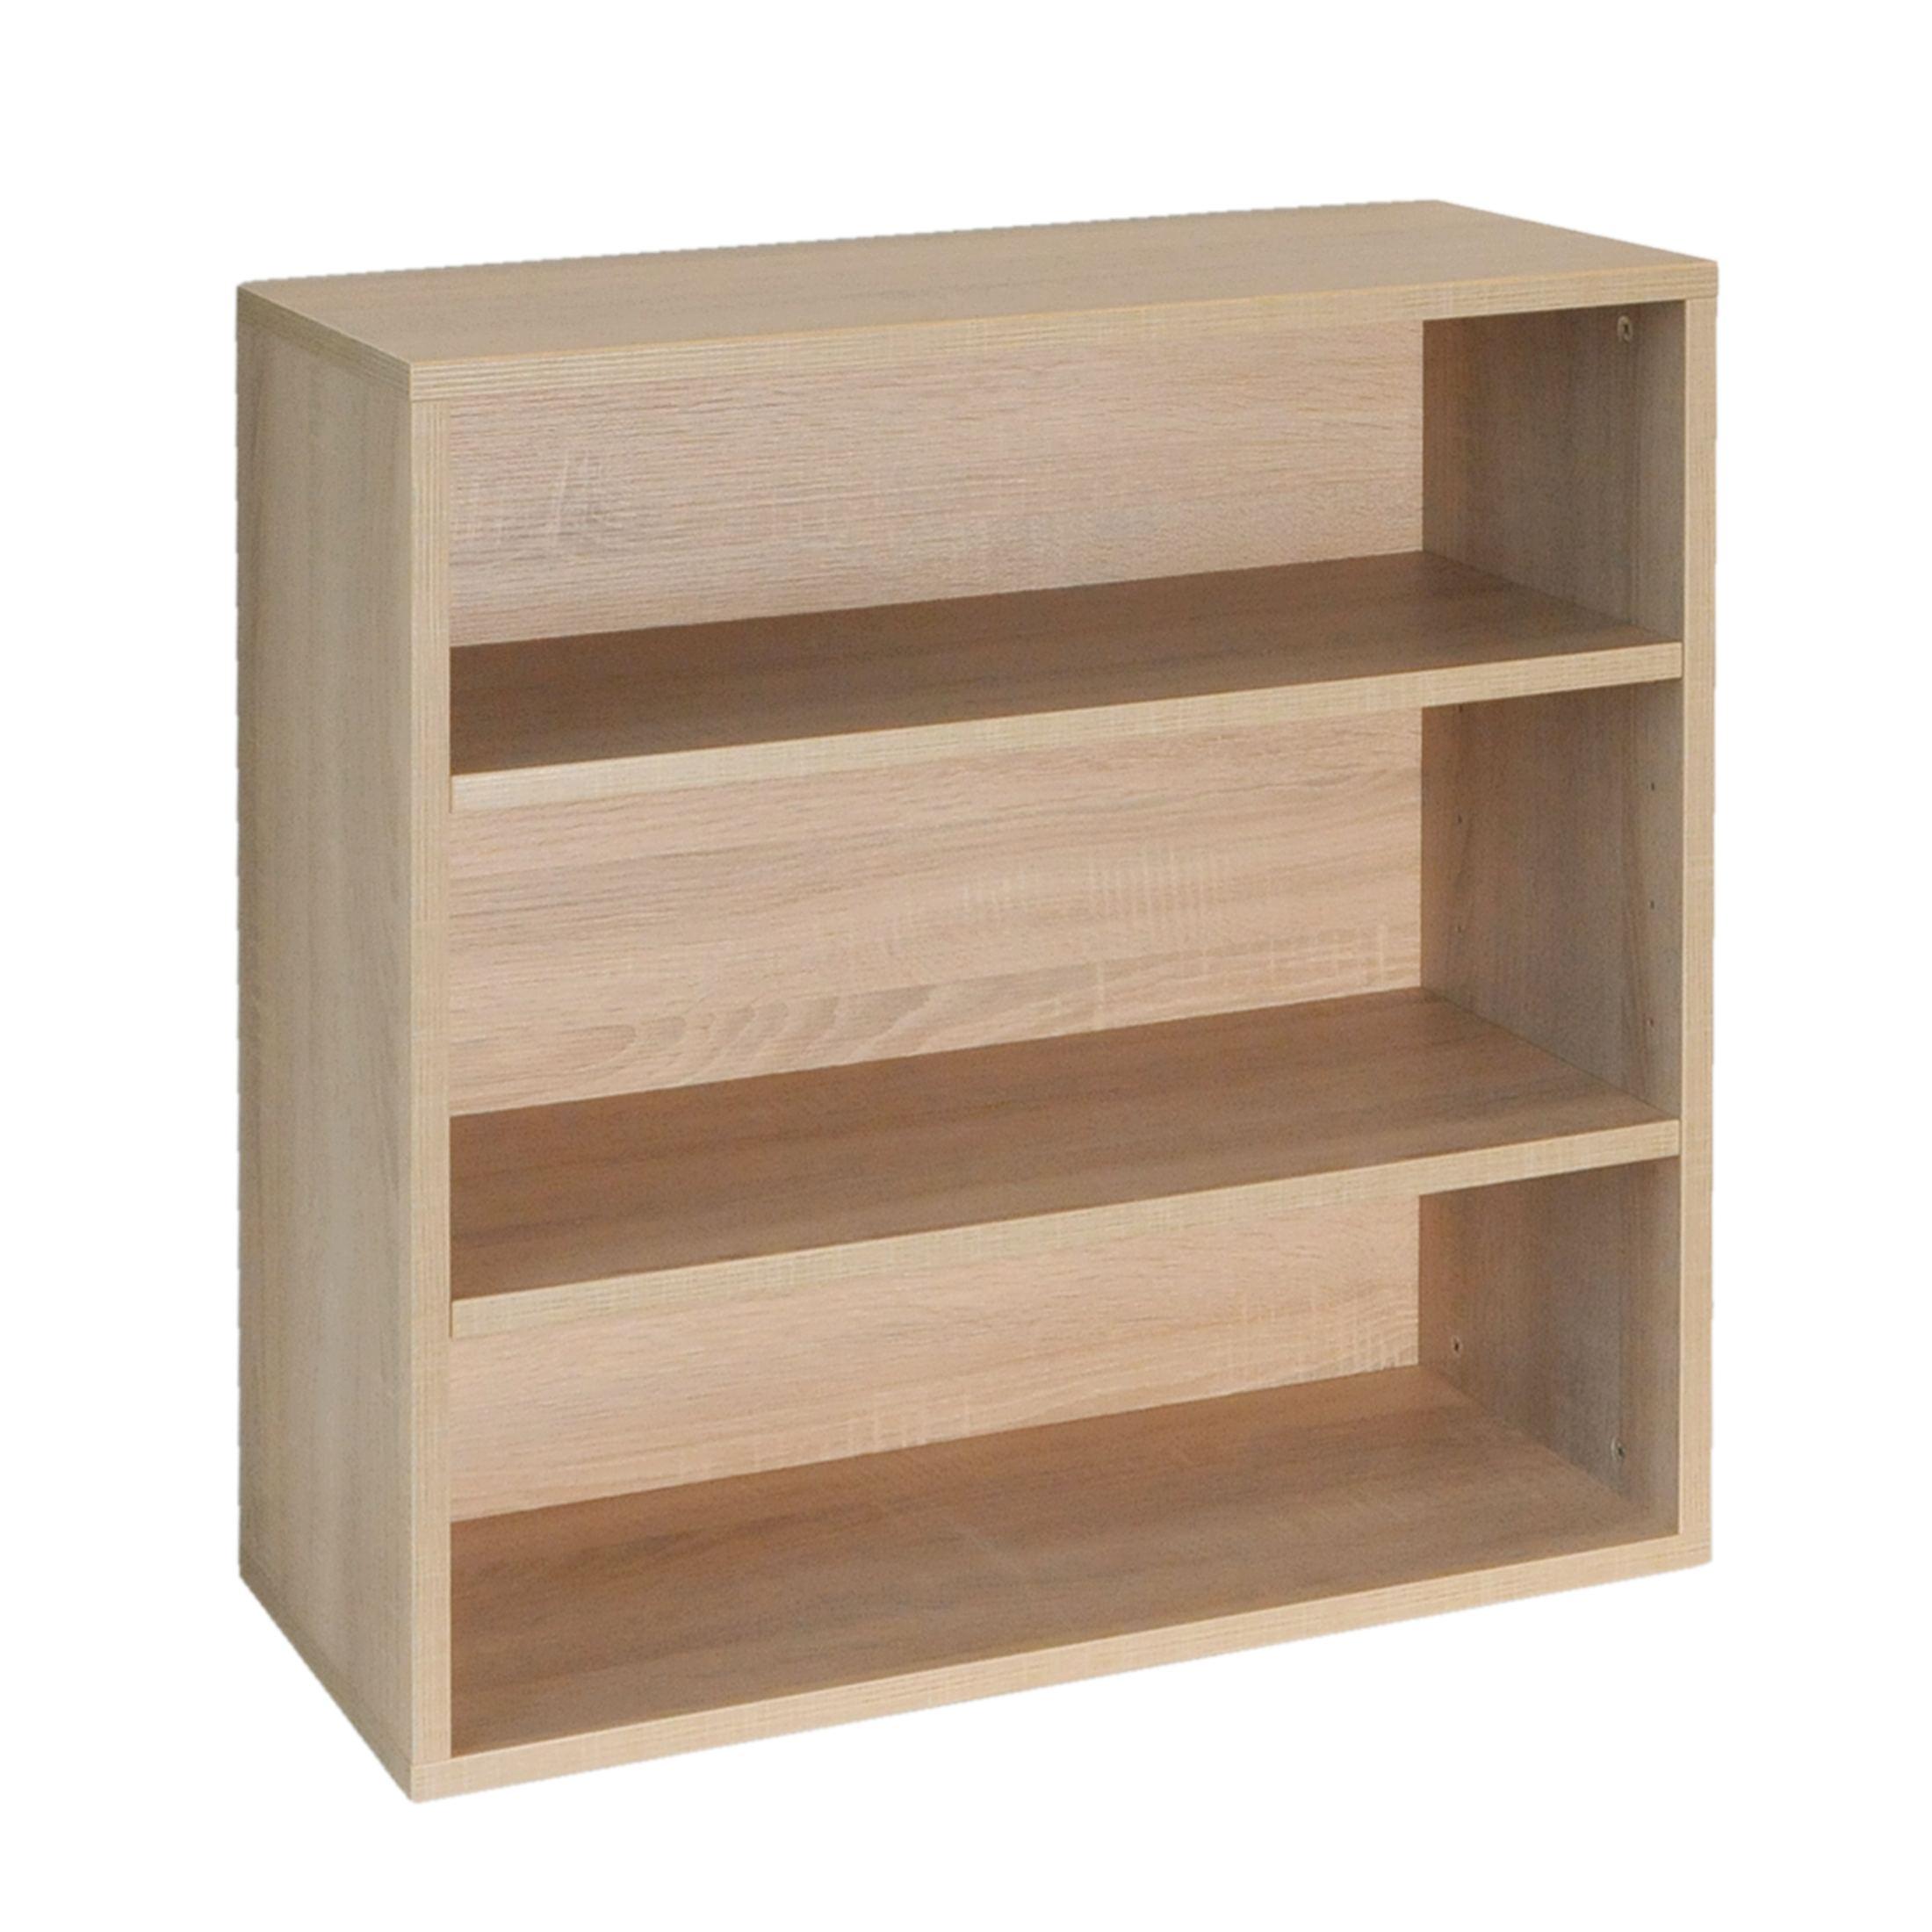 weinregal flaschenregal system cavepro holz melamin. Black Bedroom Furniture Sets. Home Design Ideas